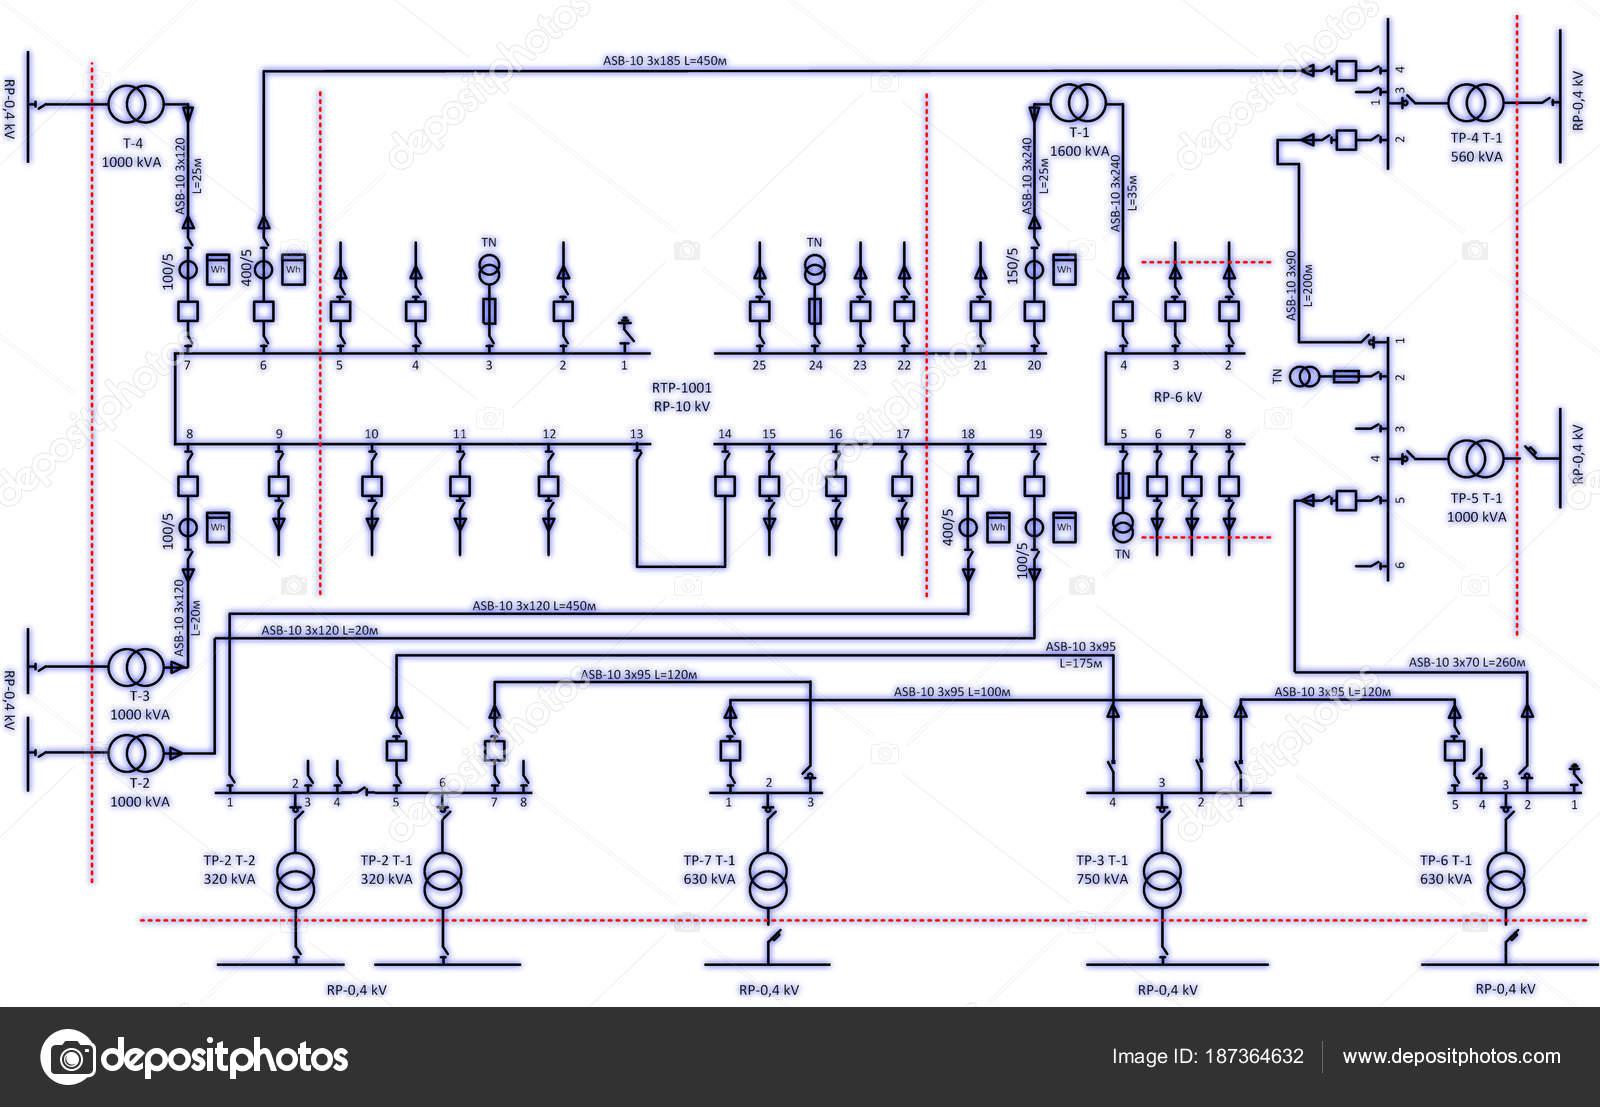 Schema Elettrico City : Schema cablaggio elettrico trasformatori potenza u foto stock